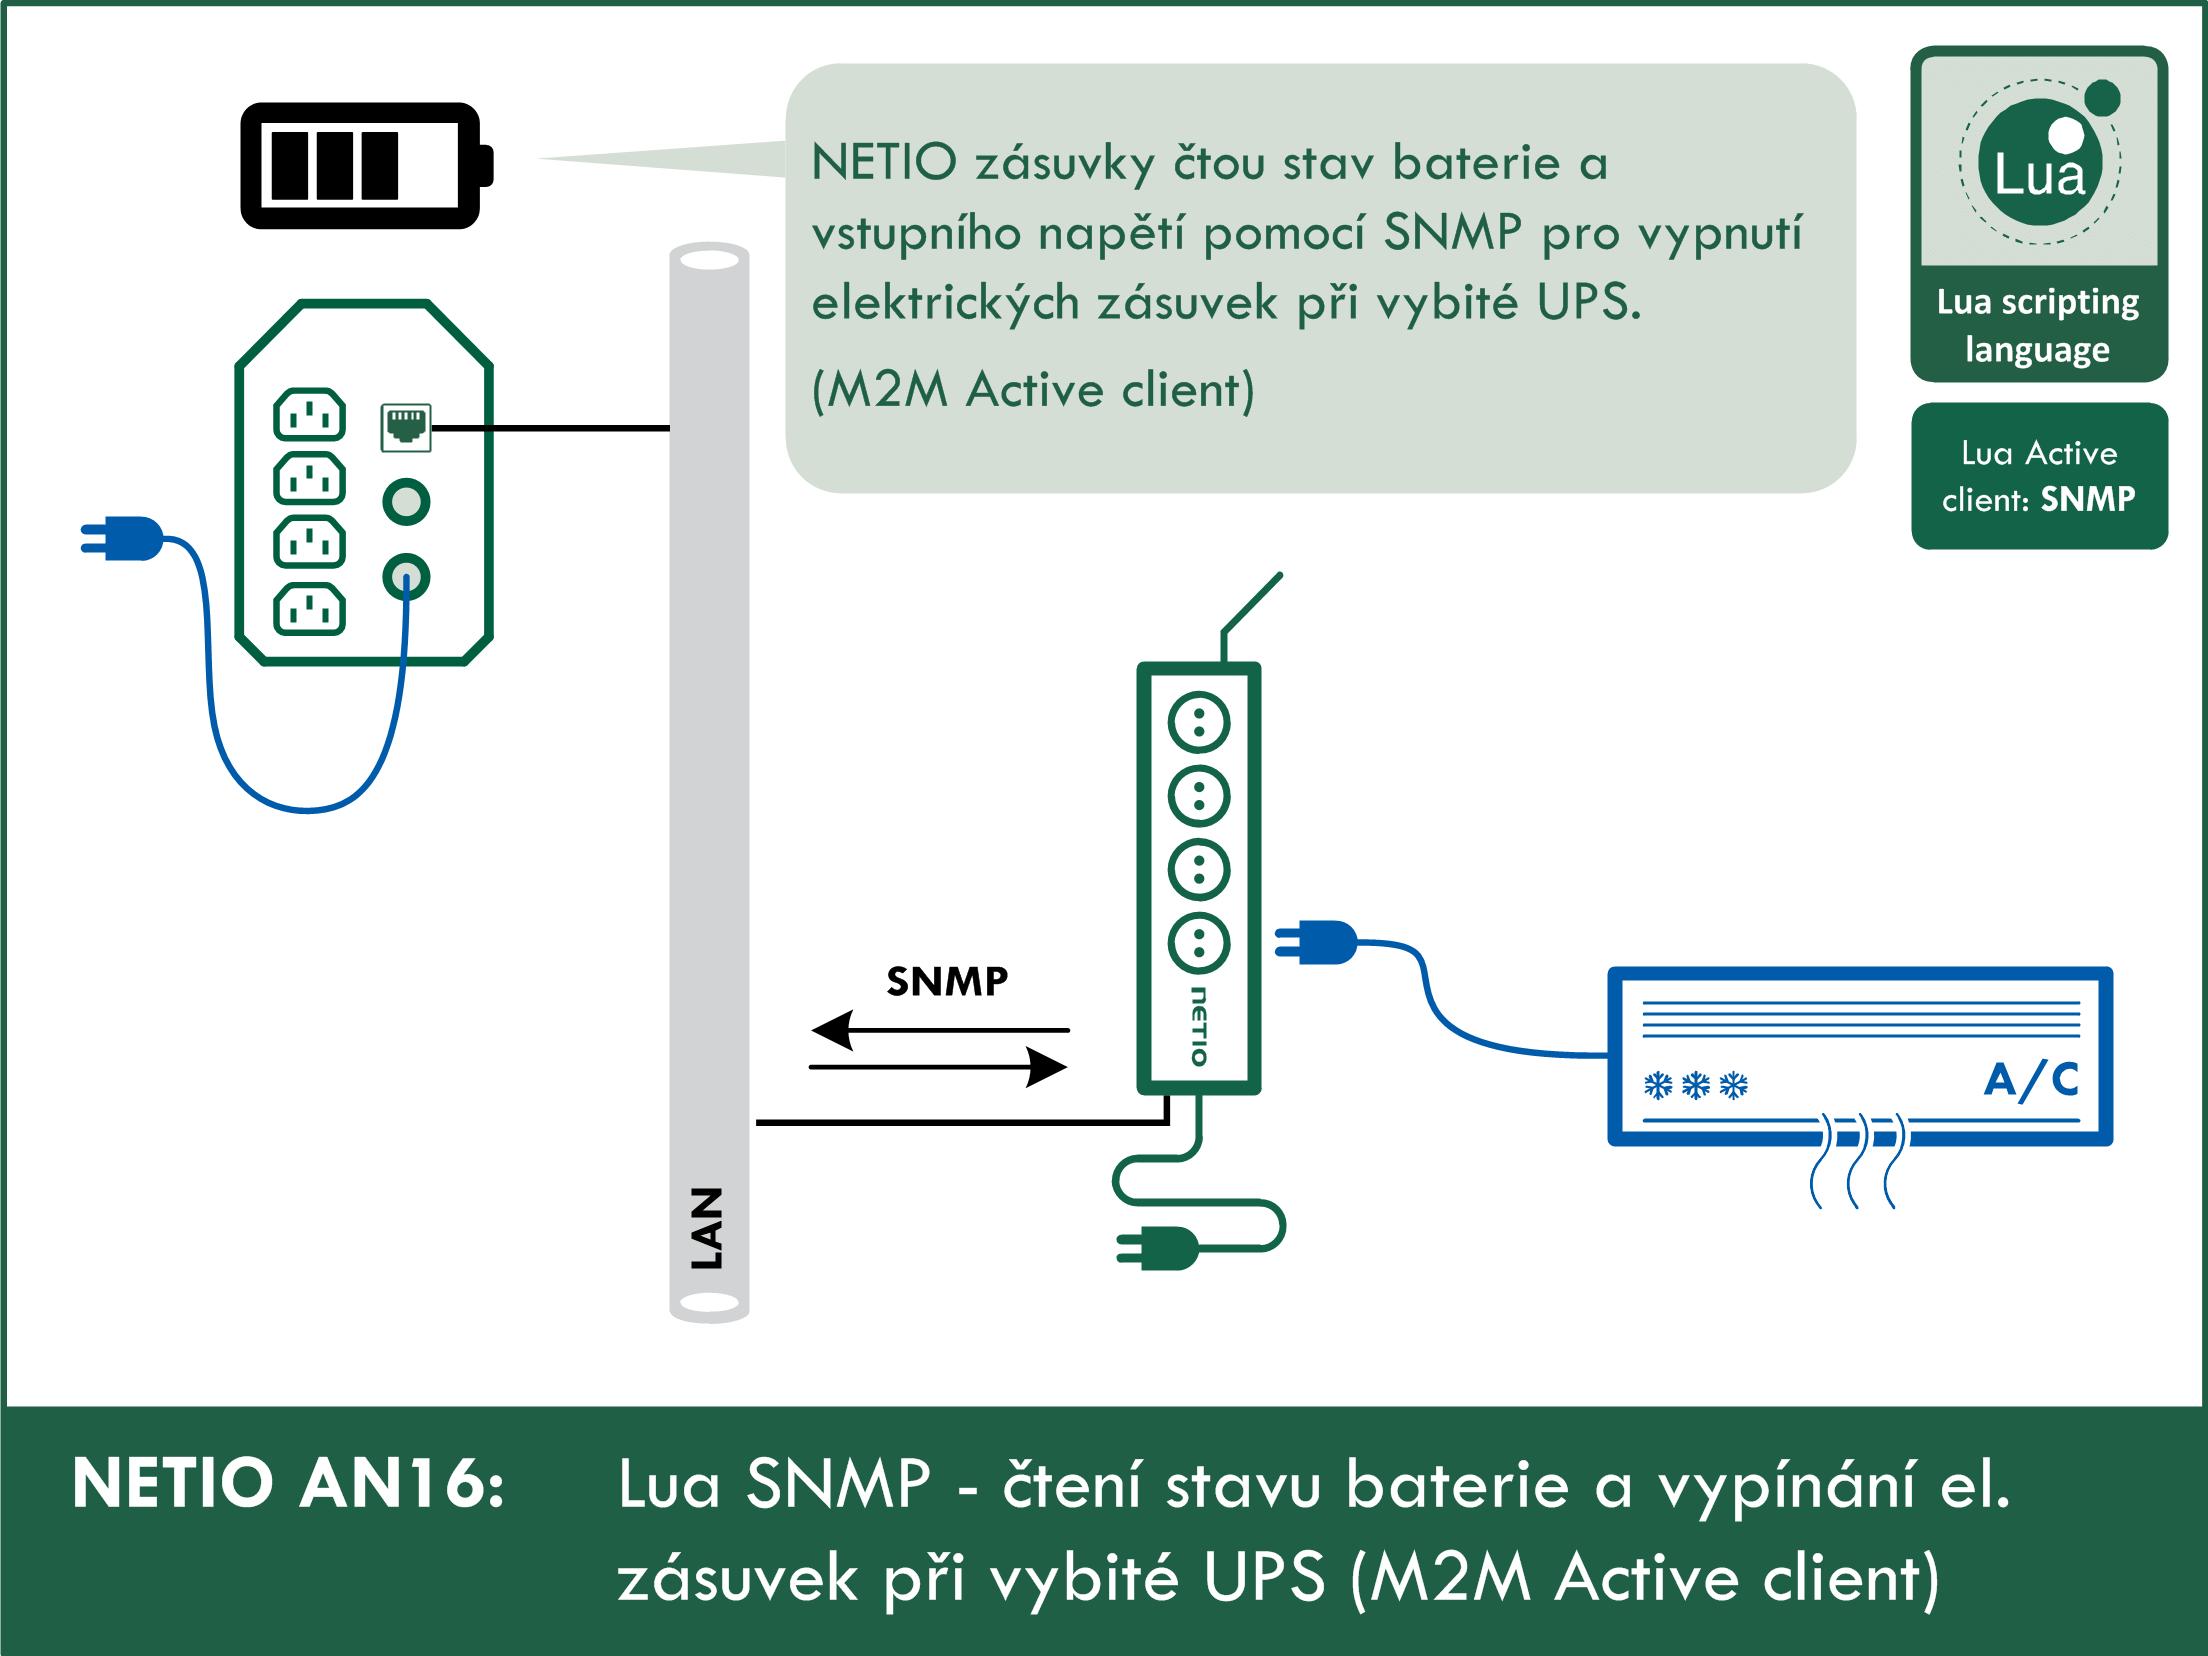 Lua SNMP - čtení stavu baterie a vypínání elektrických zásuvek při UPS < 50% (Lua Active client)